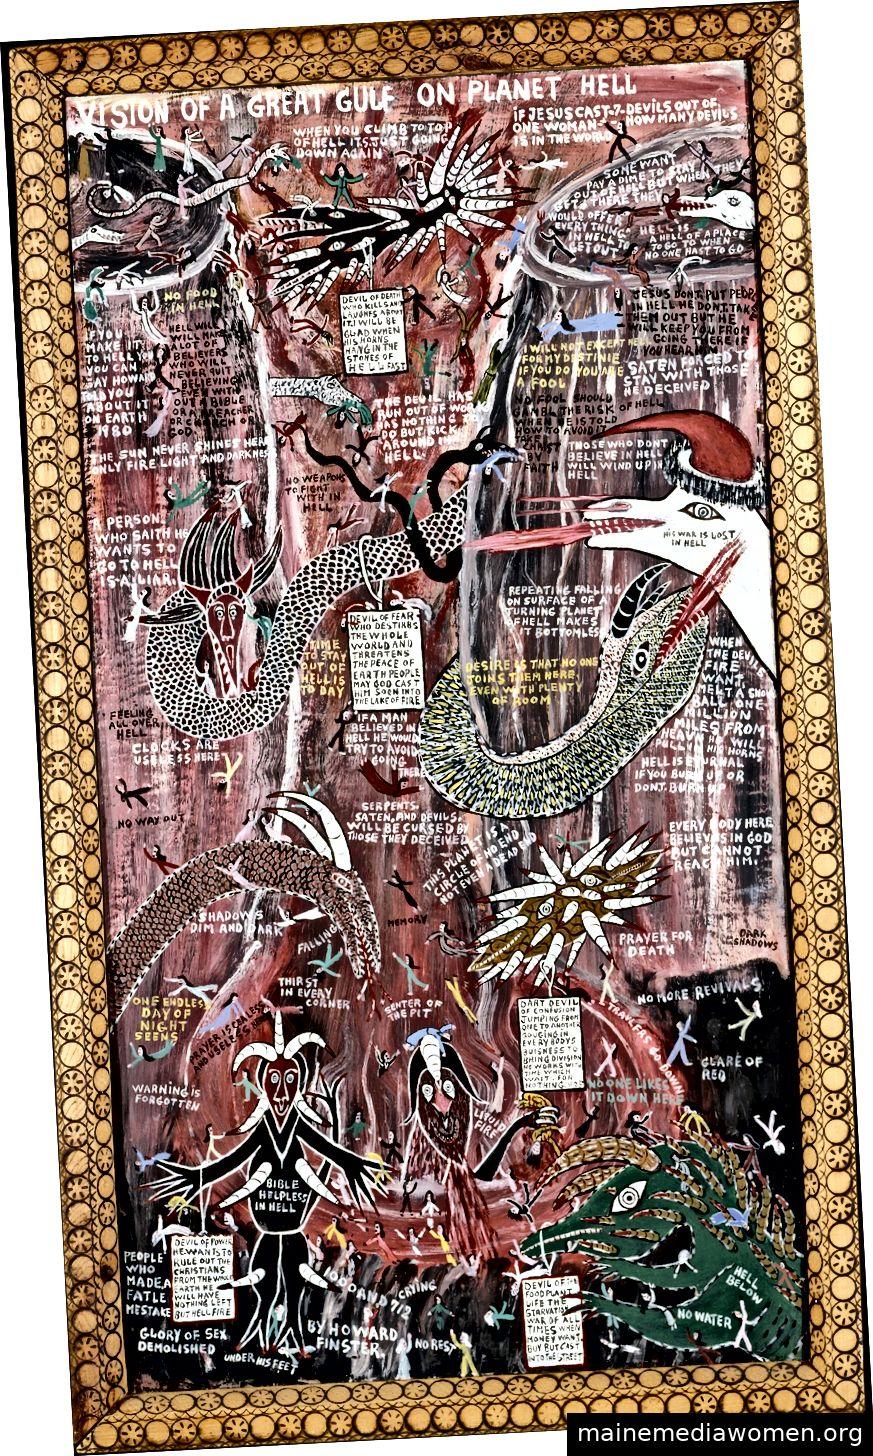 VISION EINES GROSSEN GOLFS AUF PLANETENHÖLLE, Howard Finster, 1980